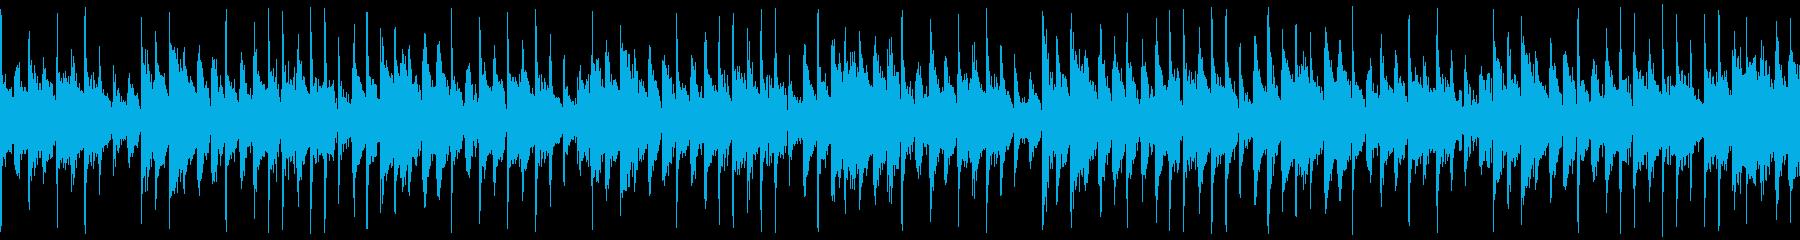 法人 シンセサイザー 電子打楽器 ...の再生済みの波形